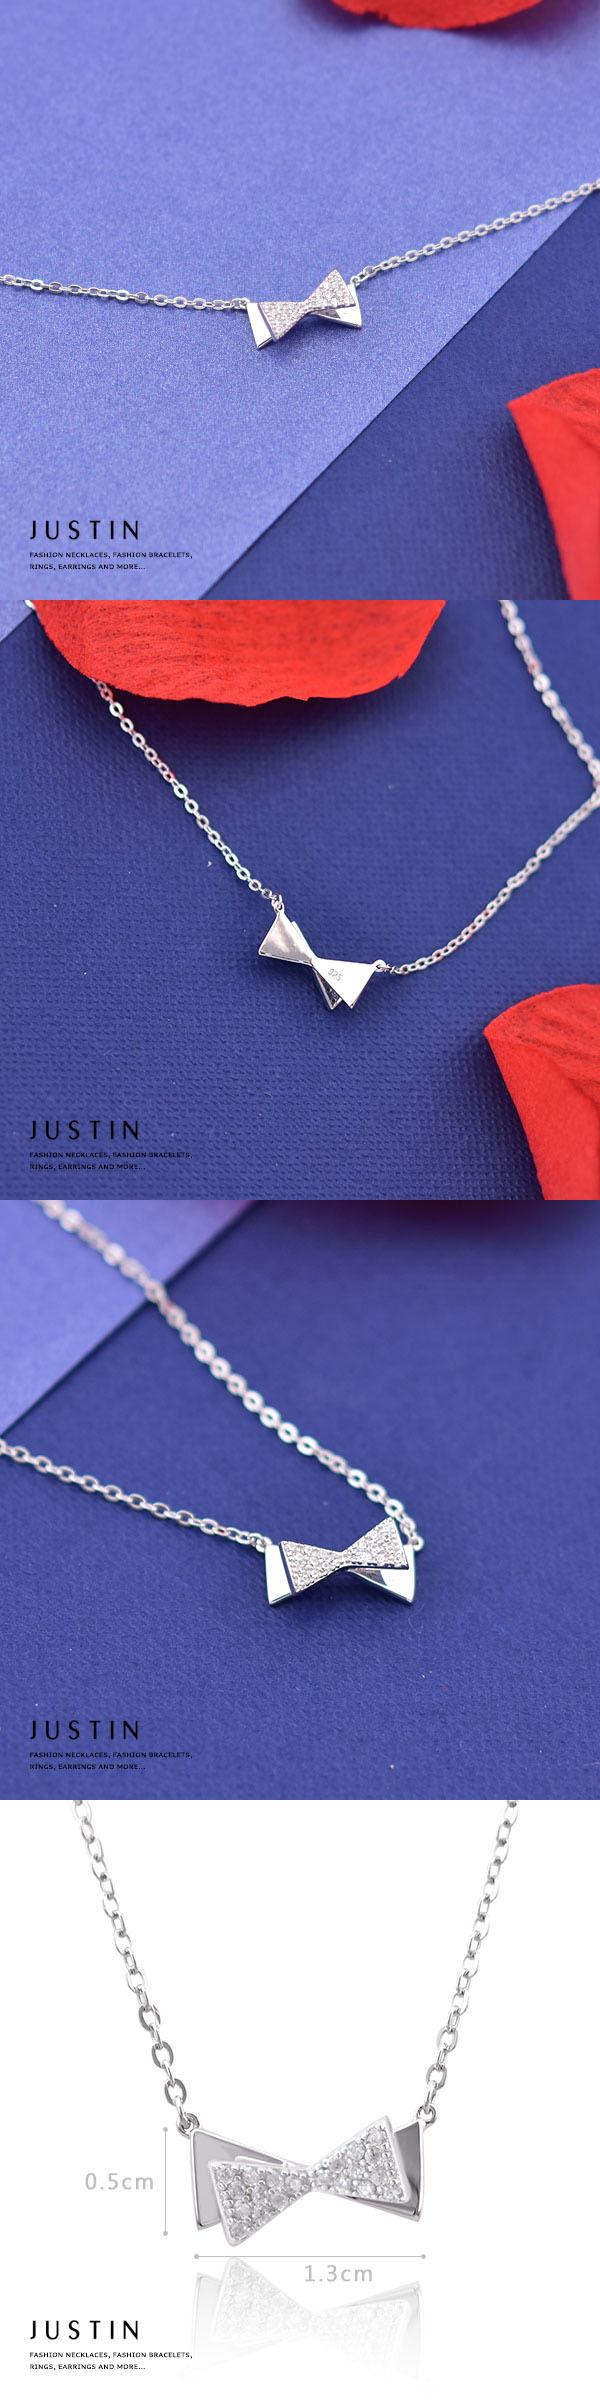 Justin金緻品 晶鑽福蝶結 925純銀套鍊 非鍍銀 抗過敏 蝴蝶結造型